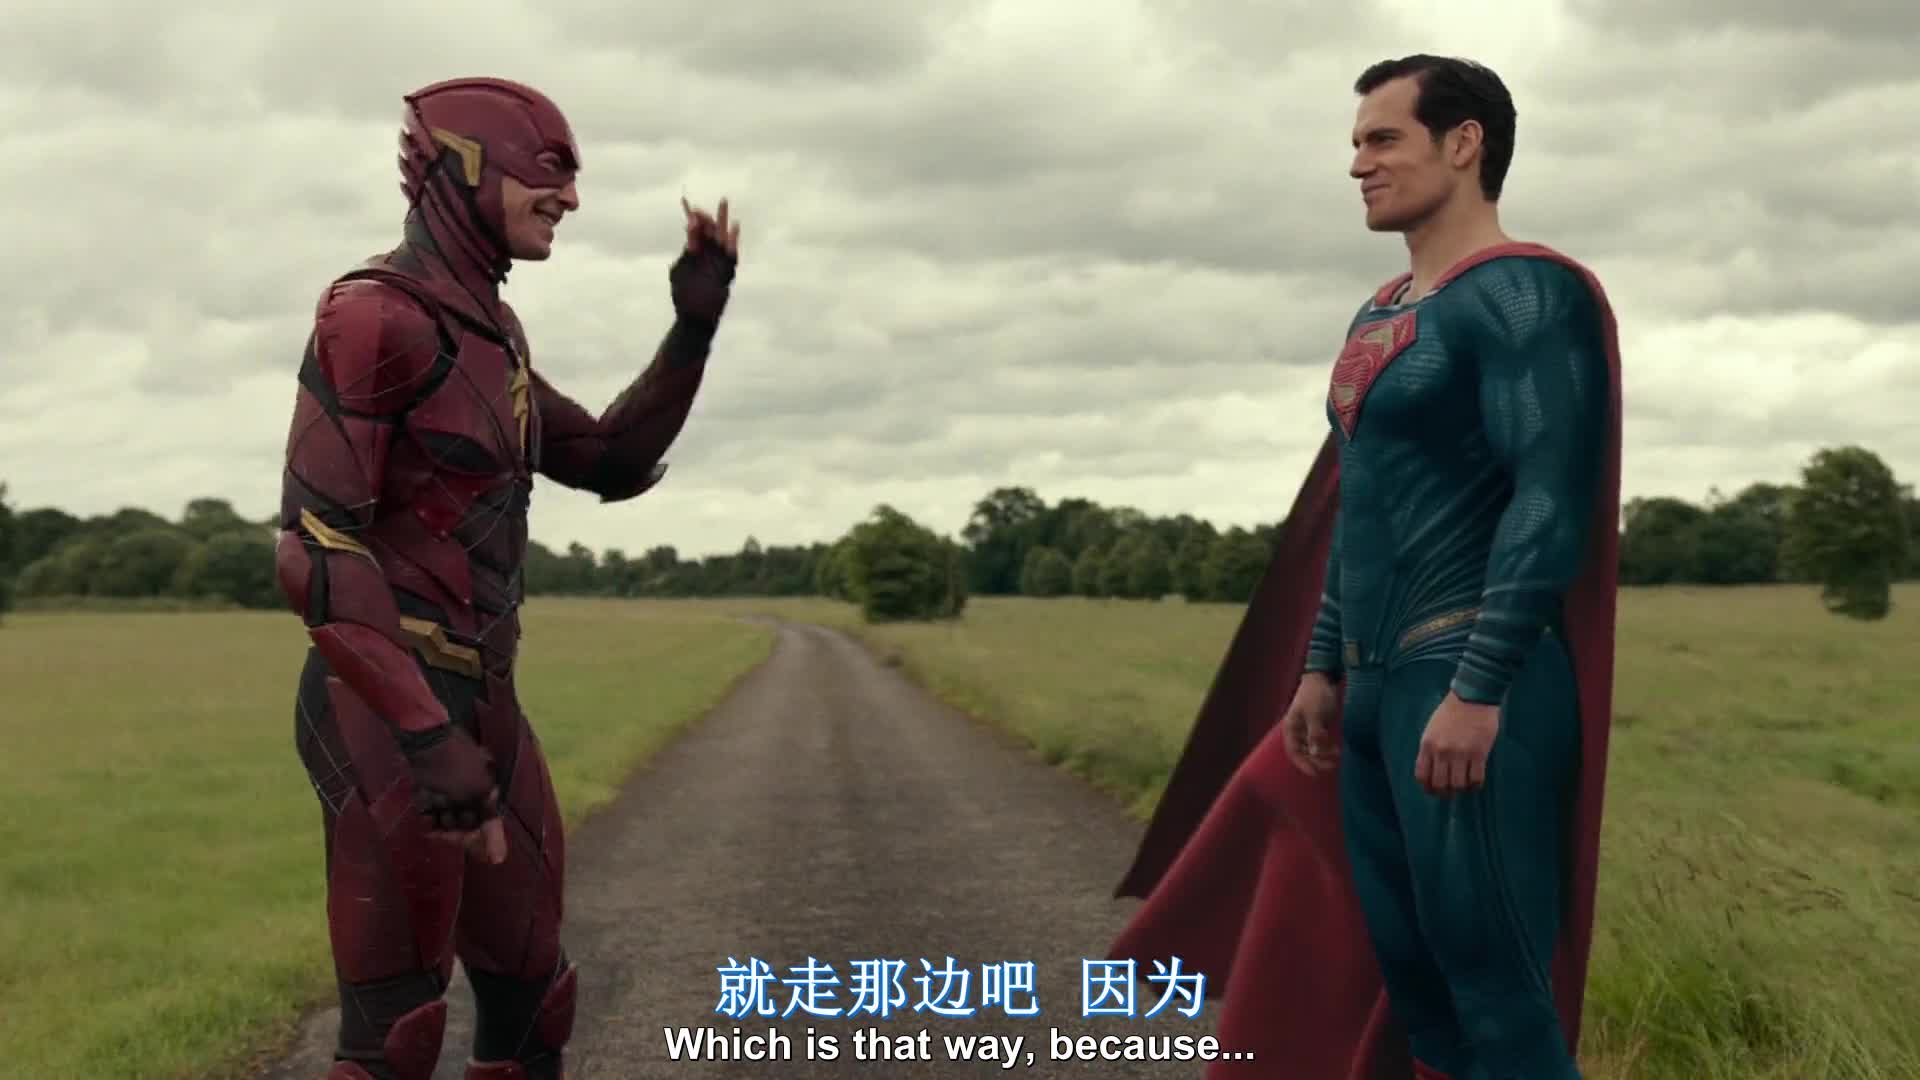 #电影迷的修养#闪电侠与超人比速度,输了请吃早餐__01